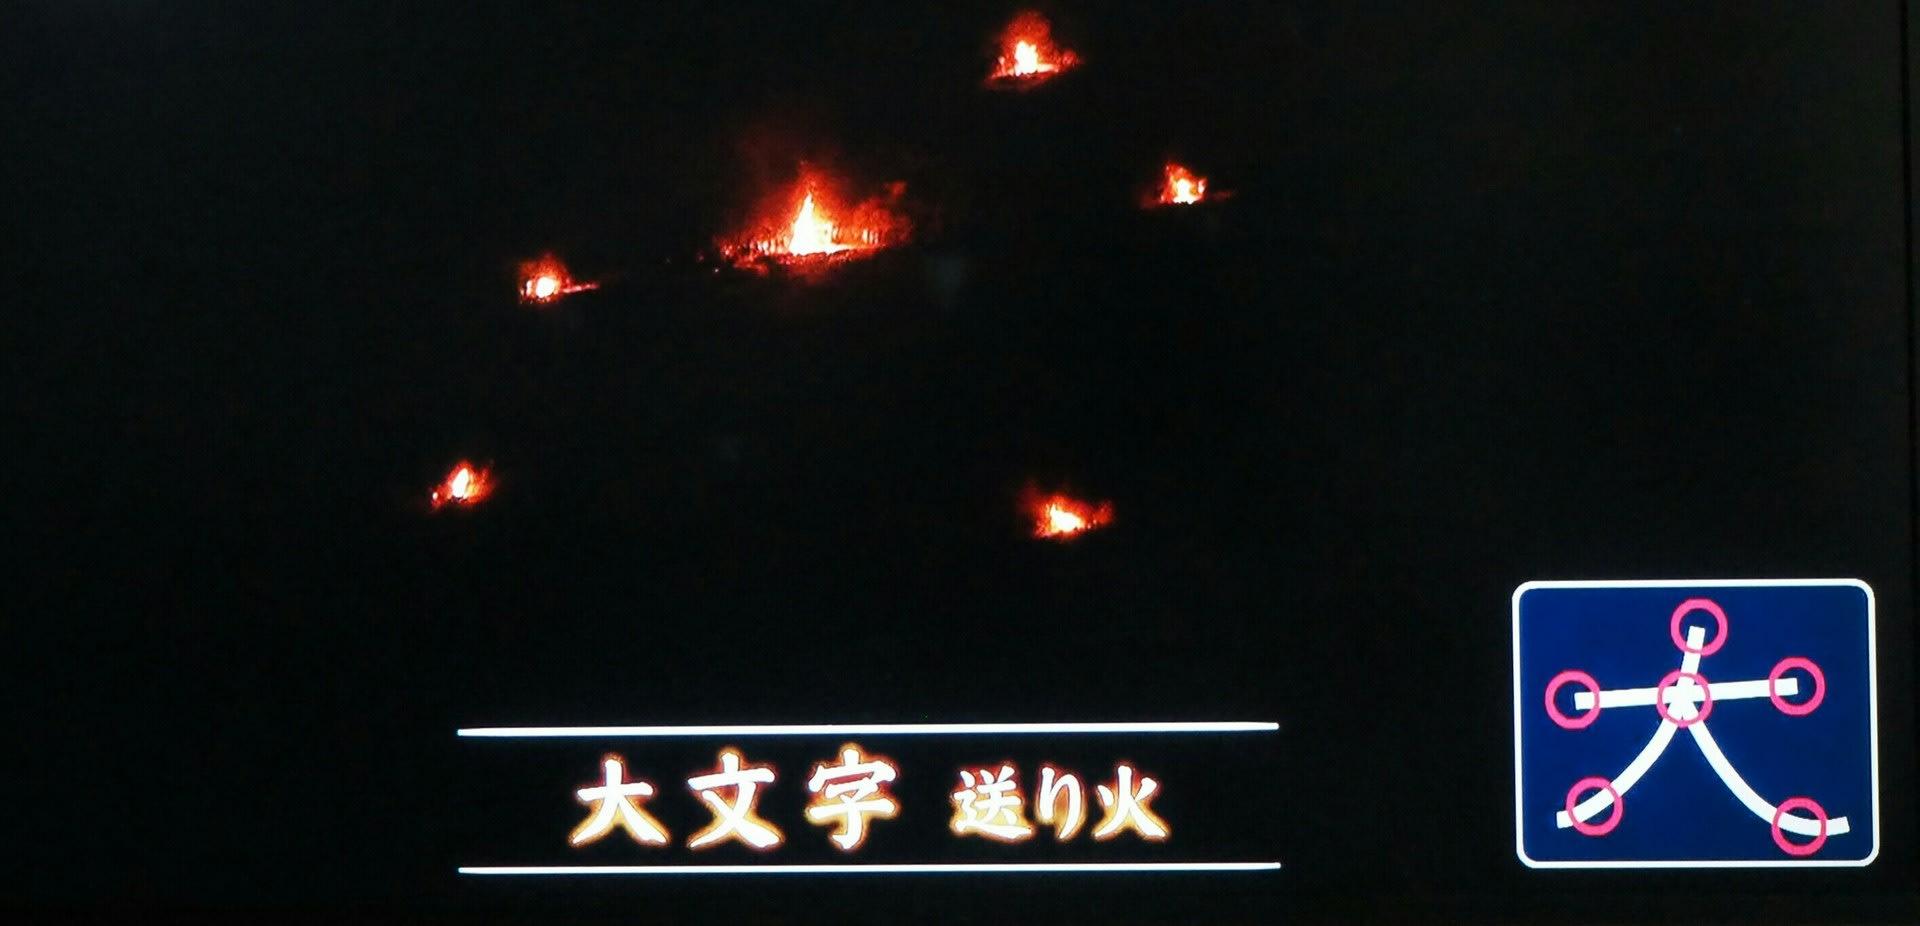 の 京都 2020 五山 送り火